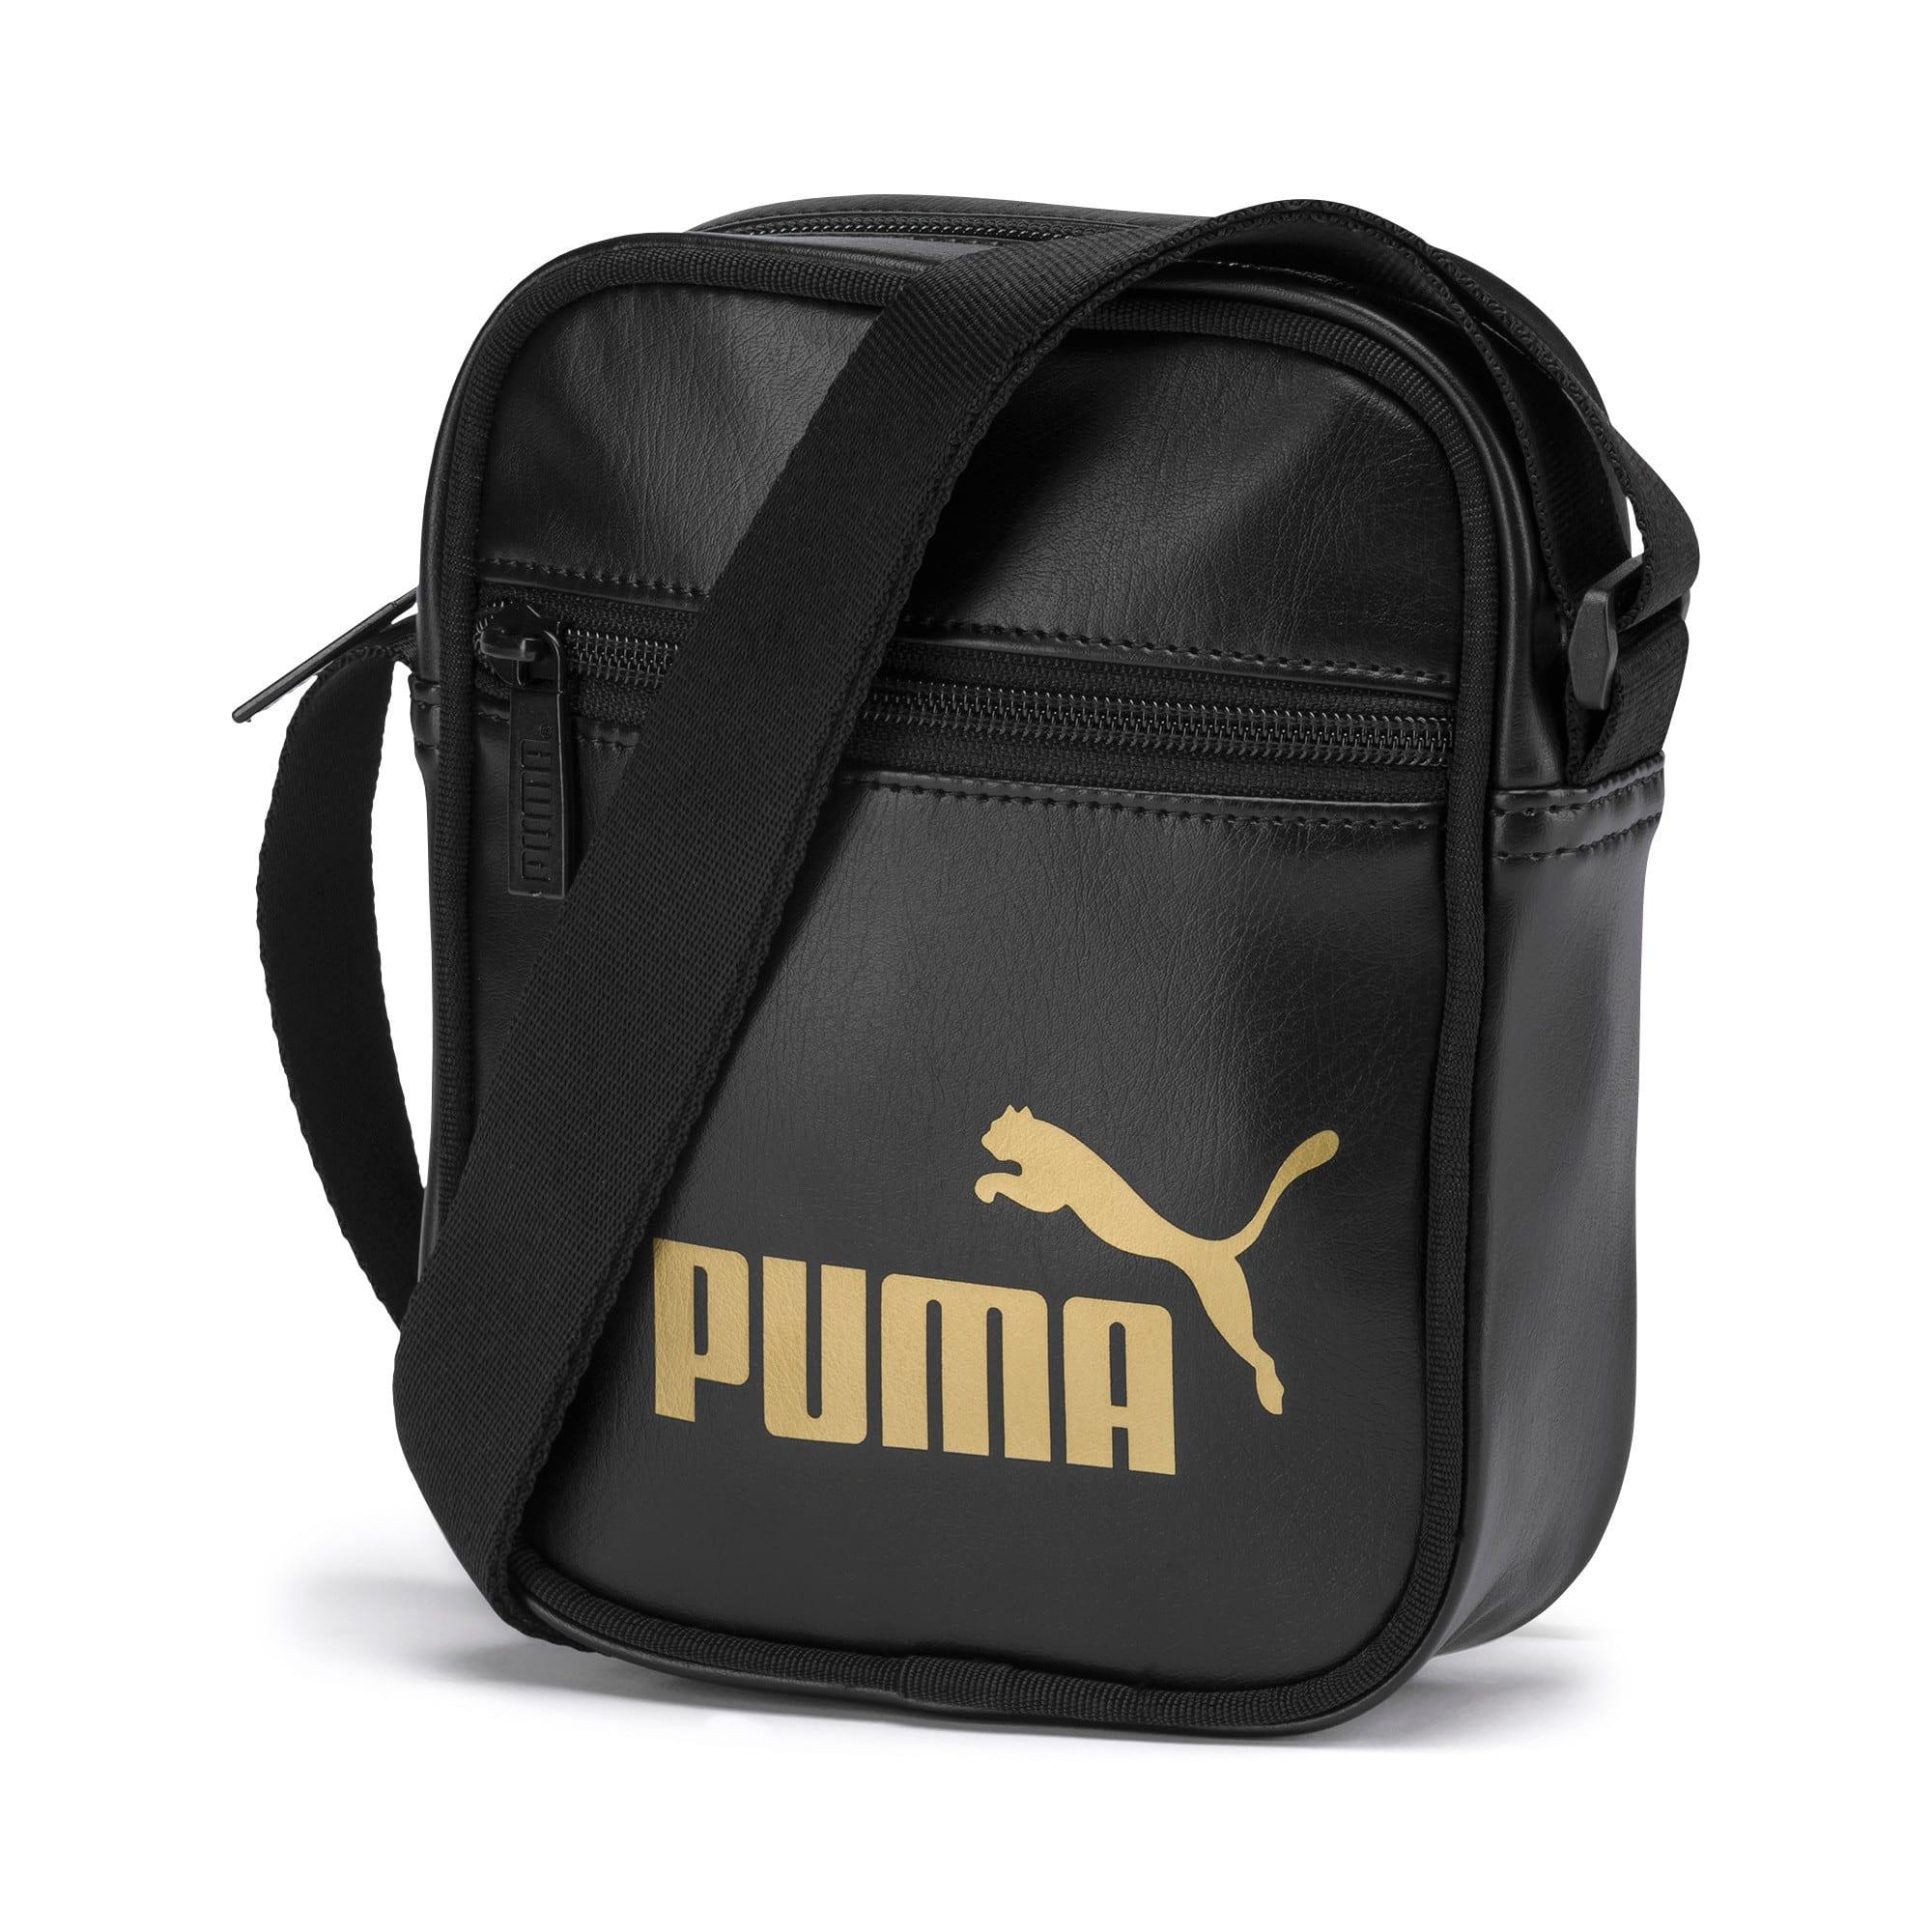 Anteprima 1 di Up Women's Portable Shoulder Bag, Puma Black-gold, medio